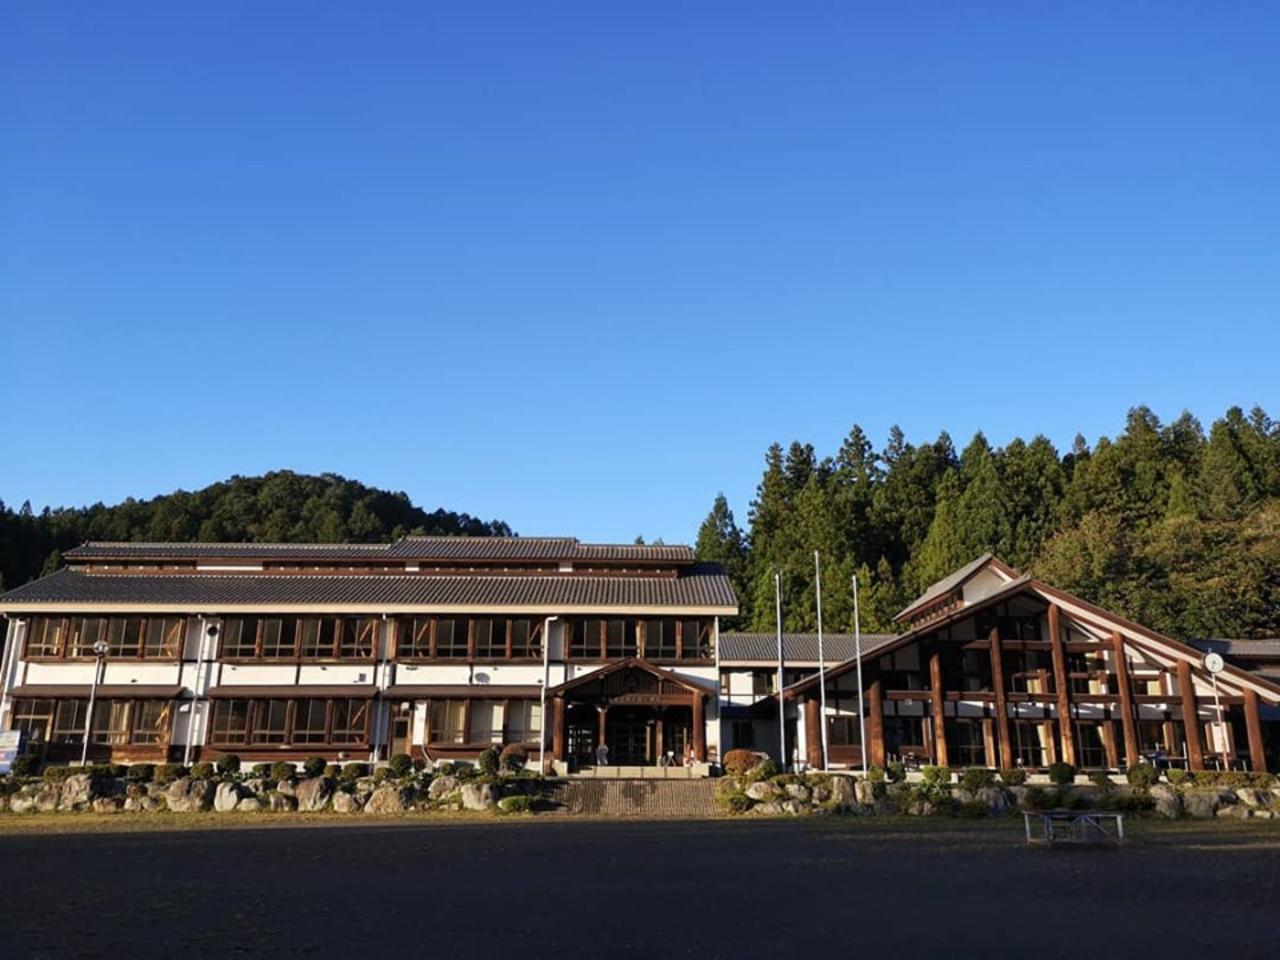 群馬県利根郡の宿泊施設『泊まれる学校 さる小』